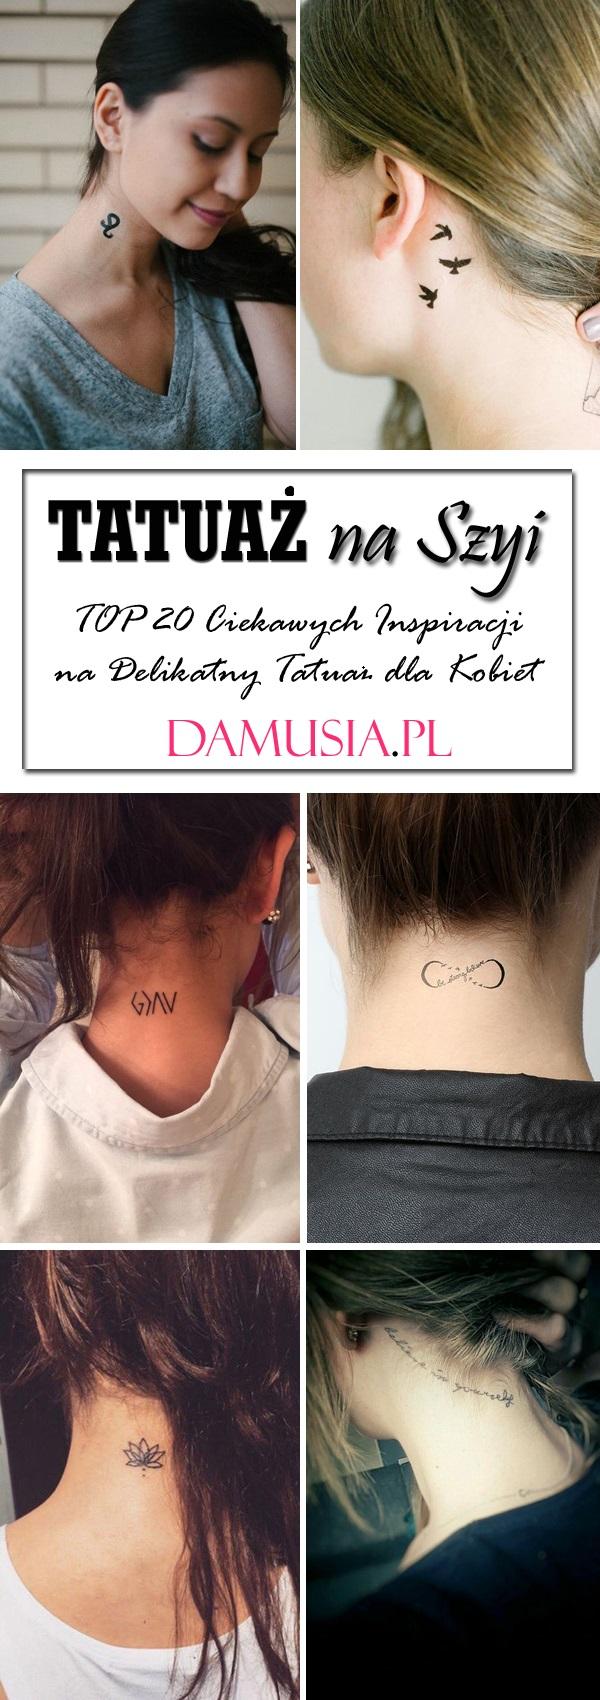 Tatuaż Na Szyi Top 20 Ciekawych Inspiracji Na Delikatny